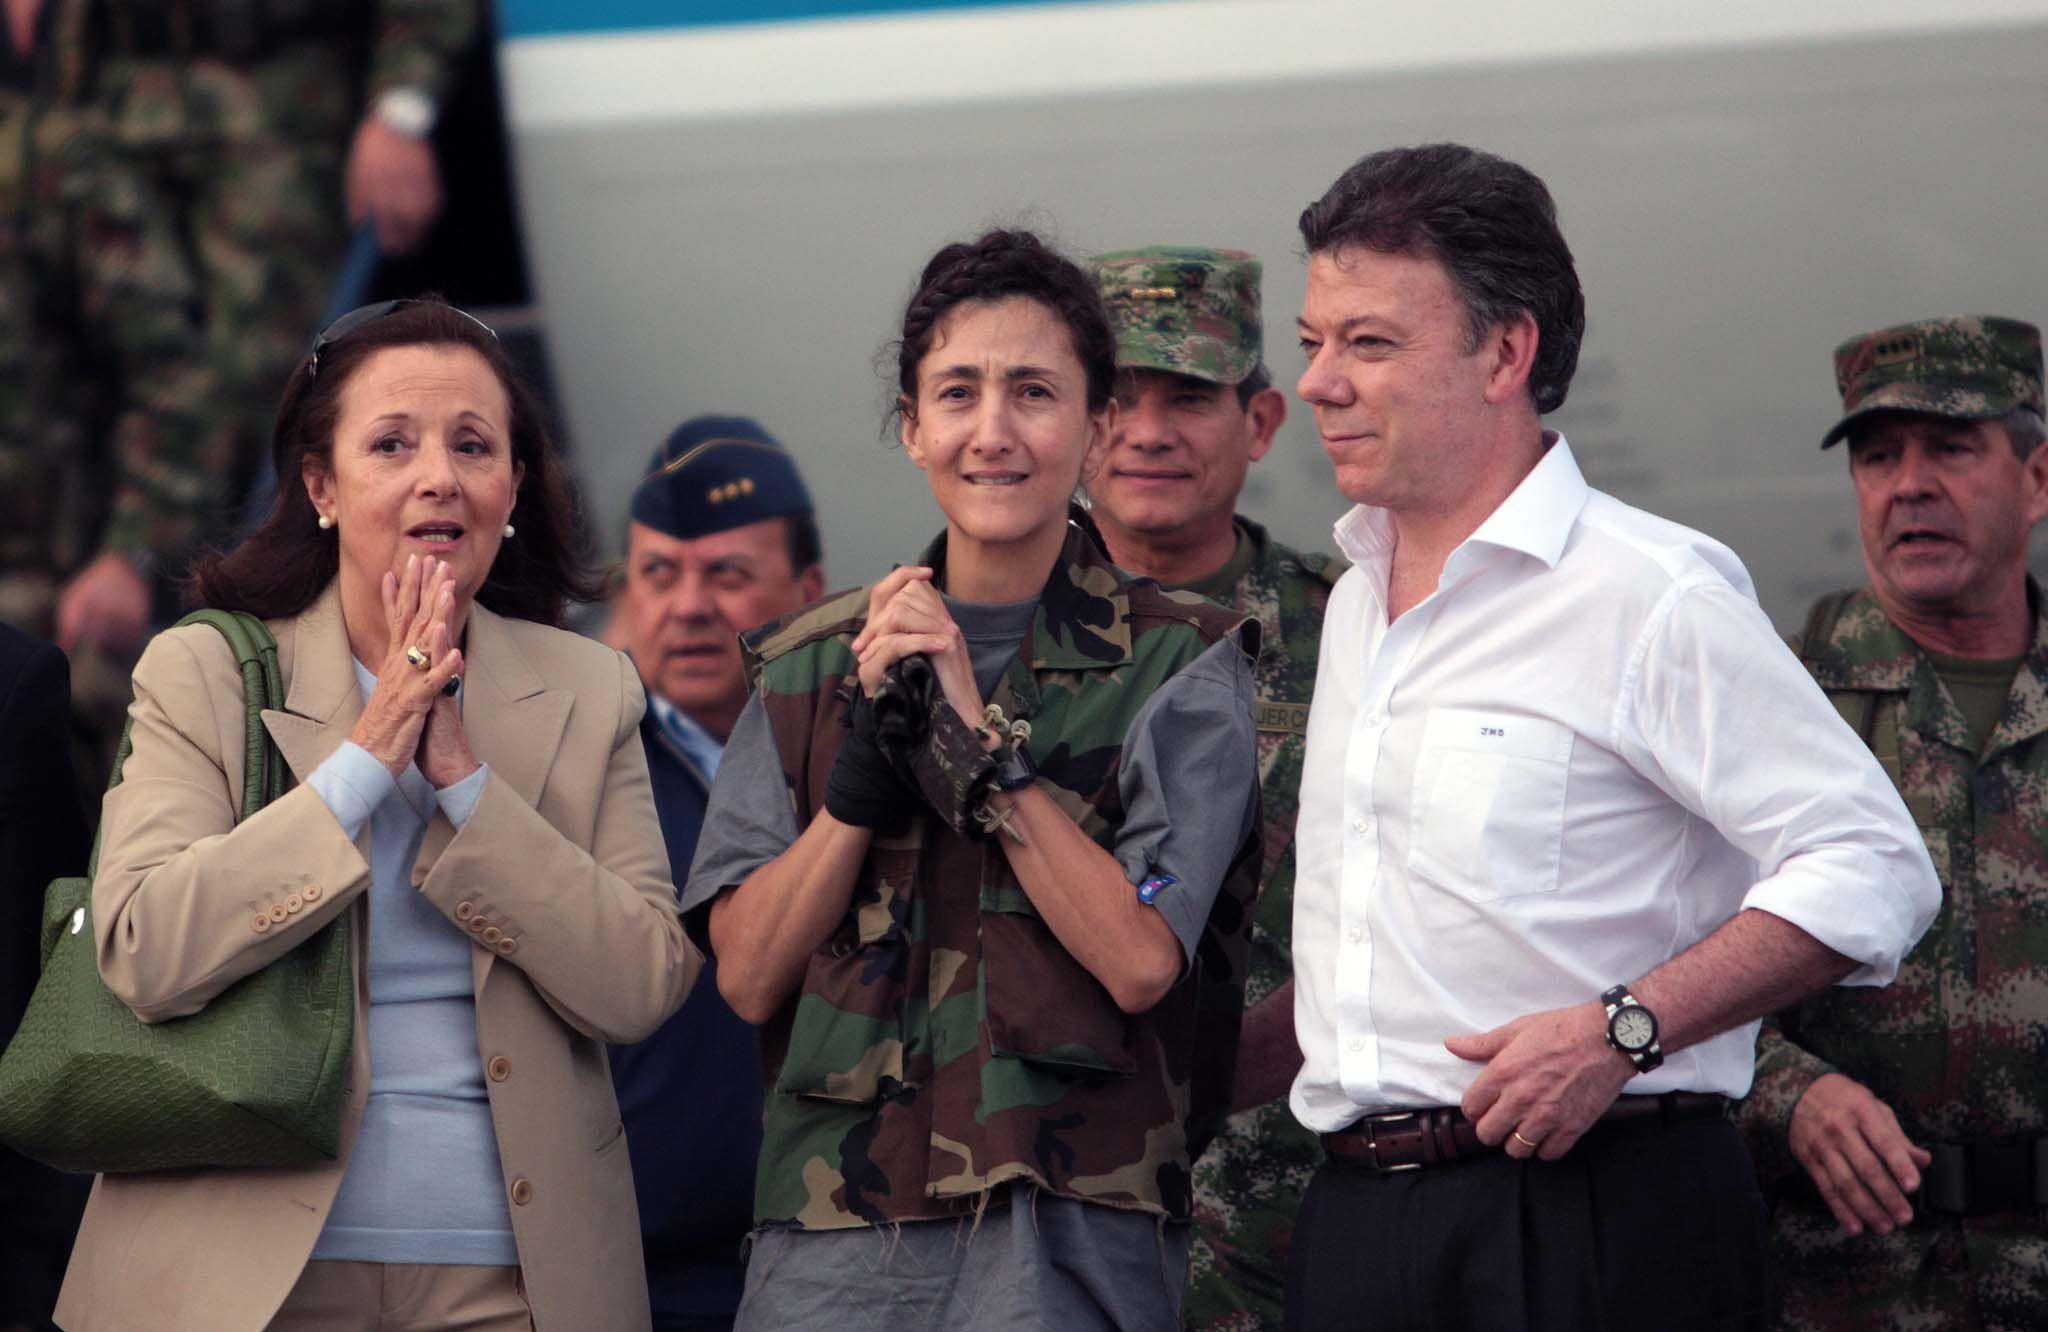 Santos Ingrid Betancourt en Operación Jaque